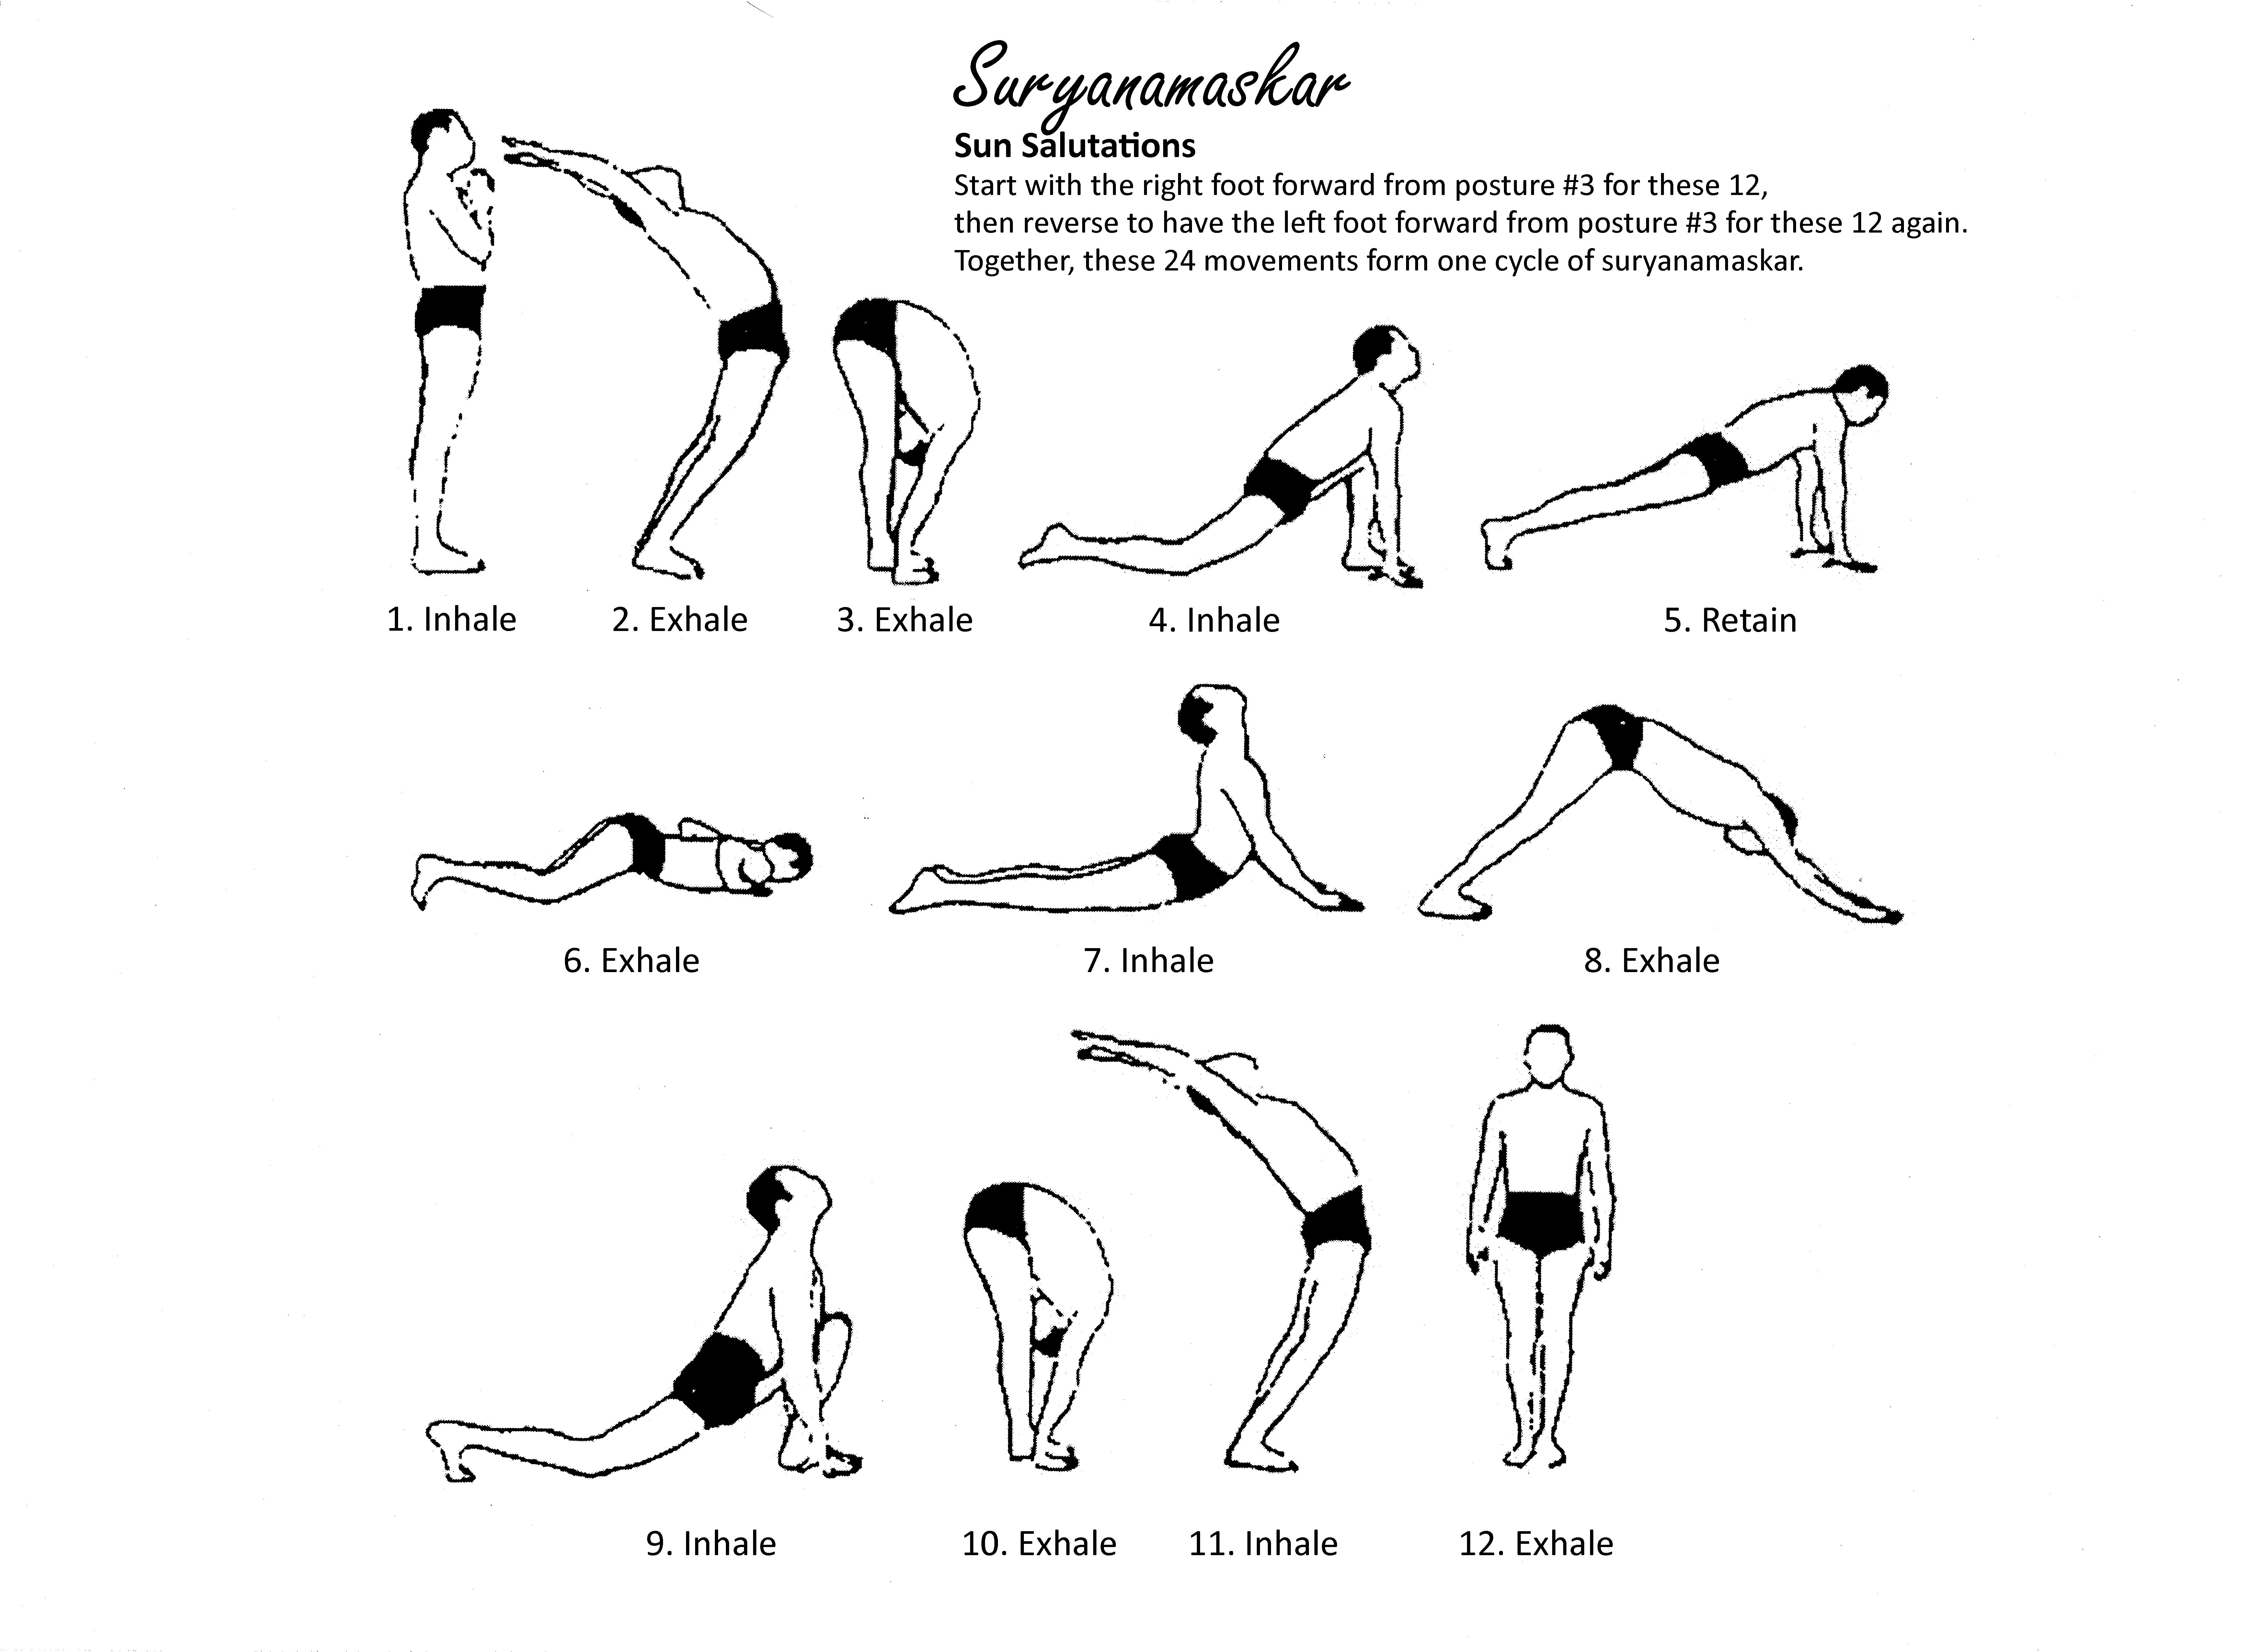 Suryanamaskar Chart